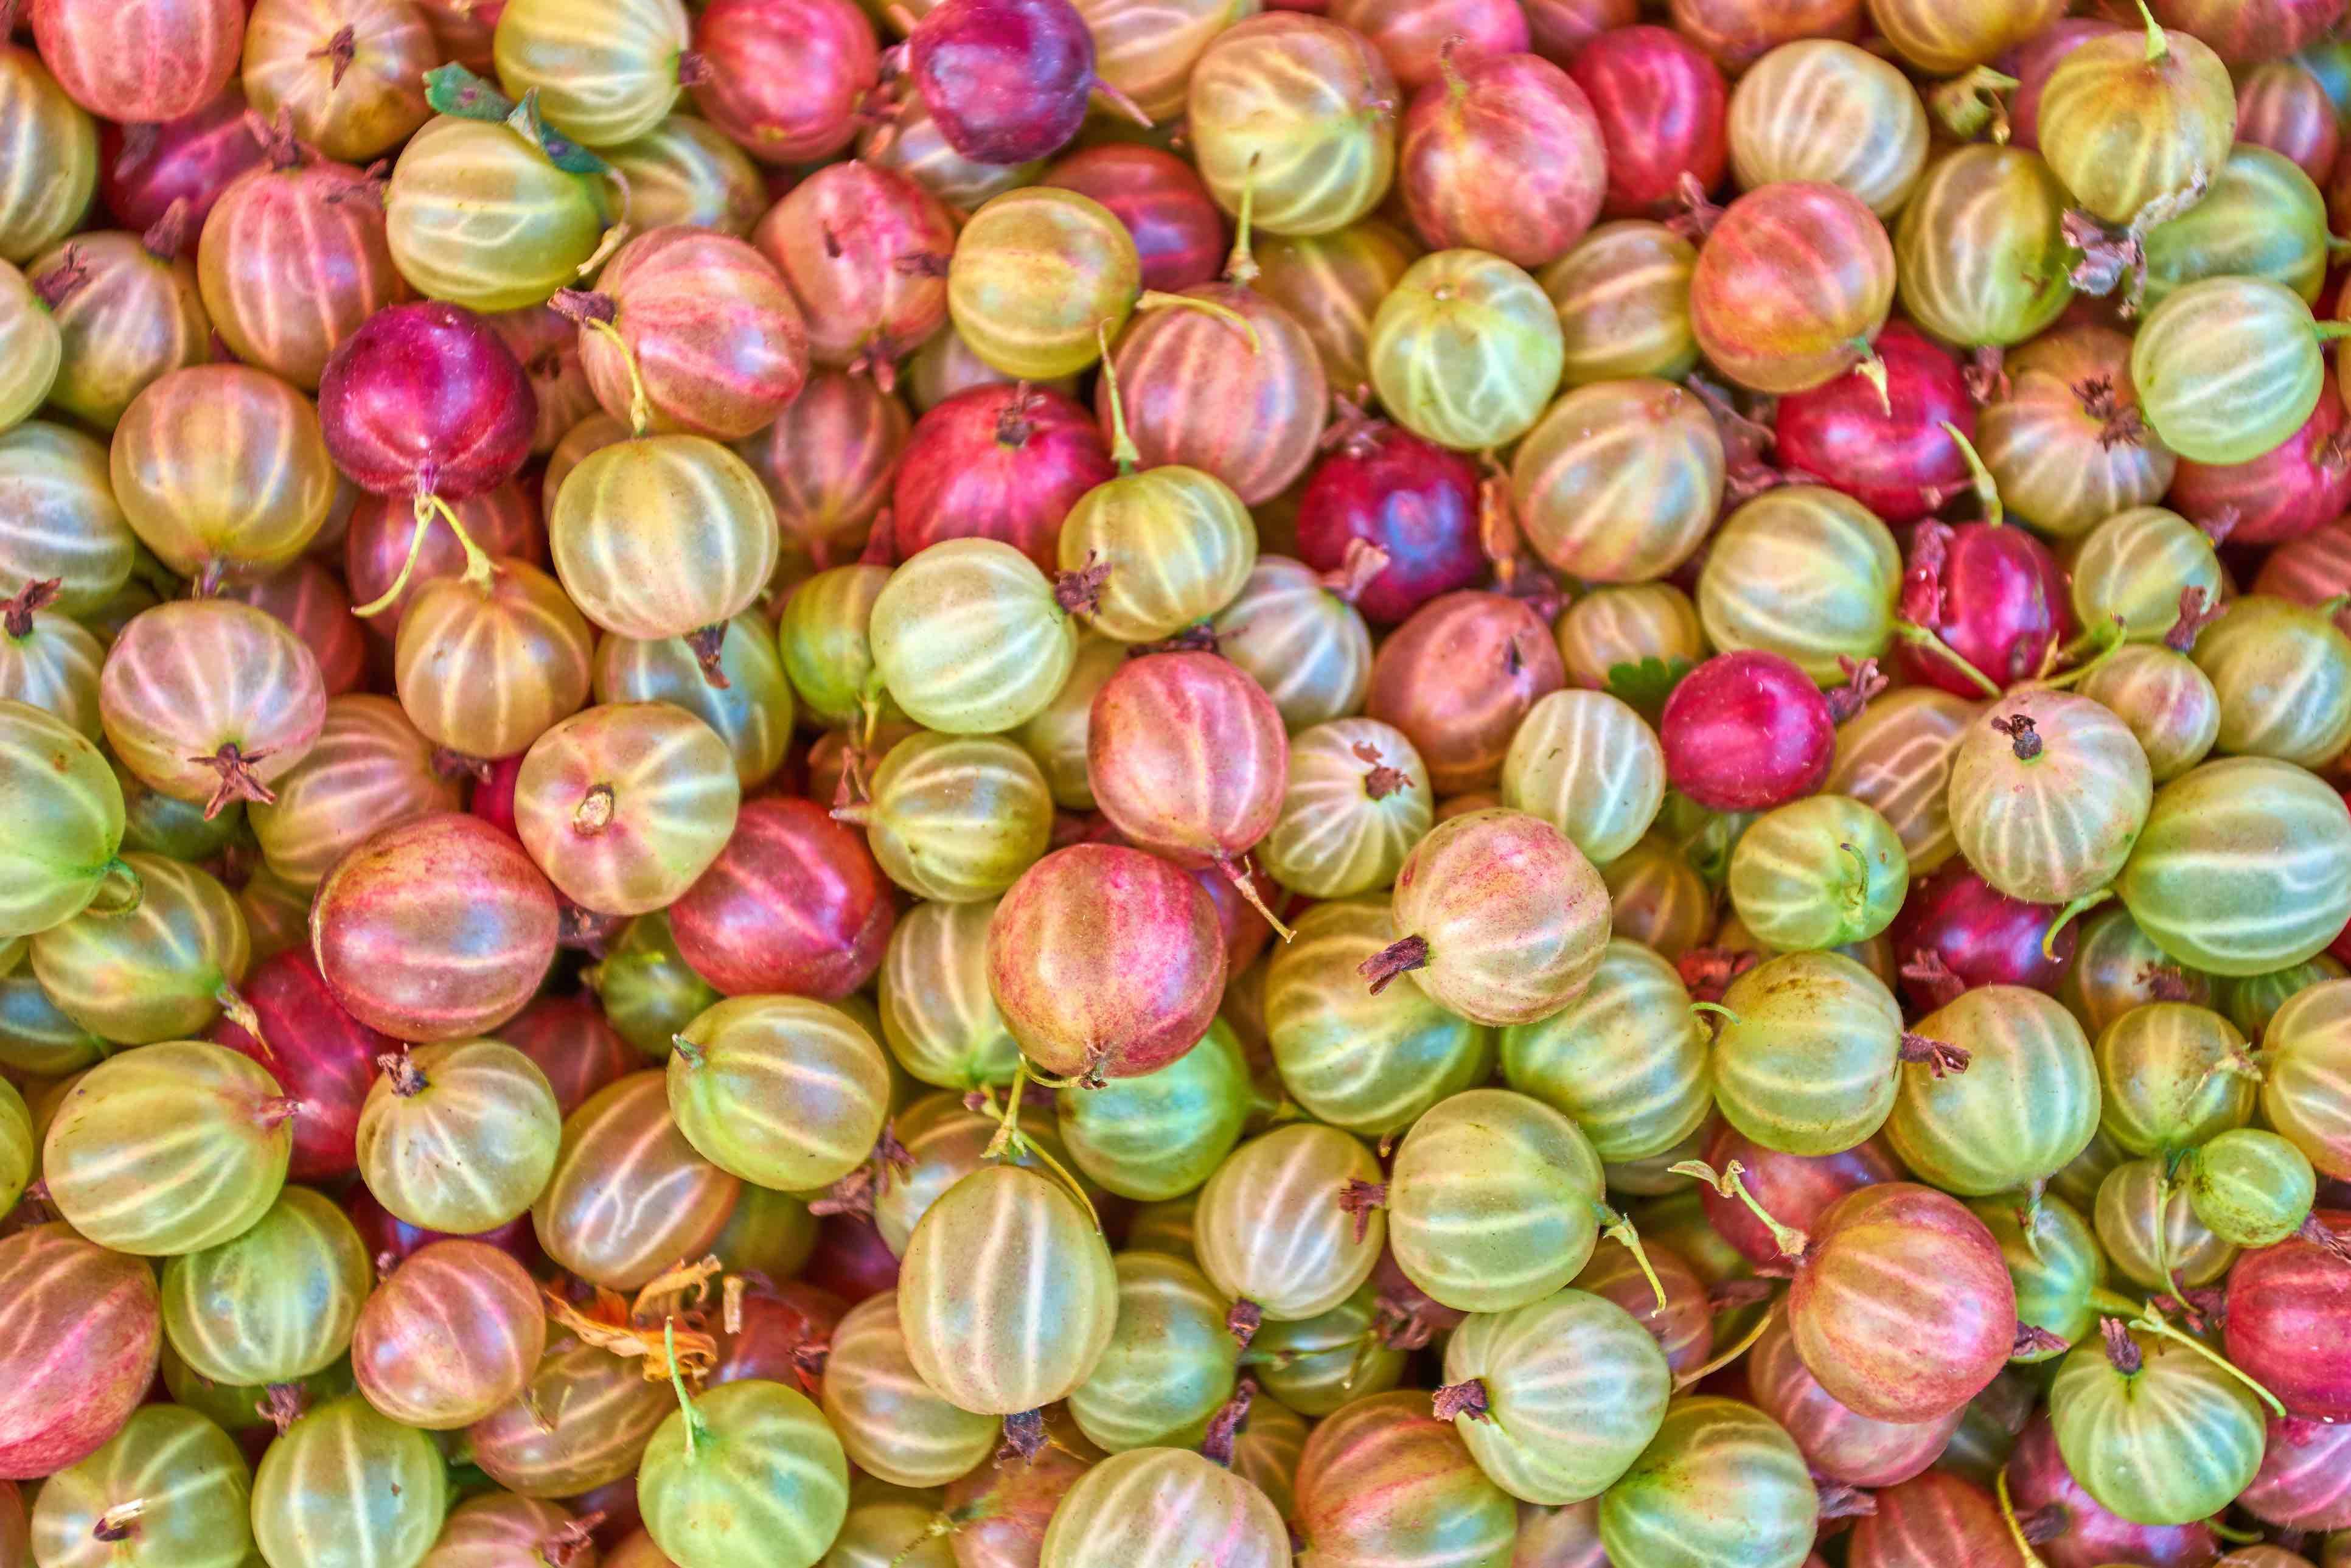 Stachelbeeren in vielen Farbnuancen von Grün bis Rot.